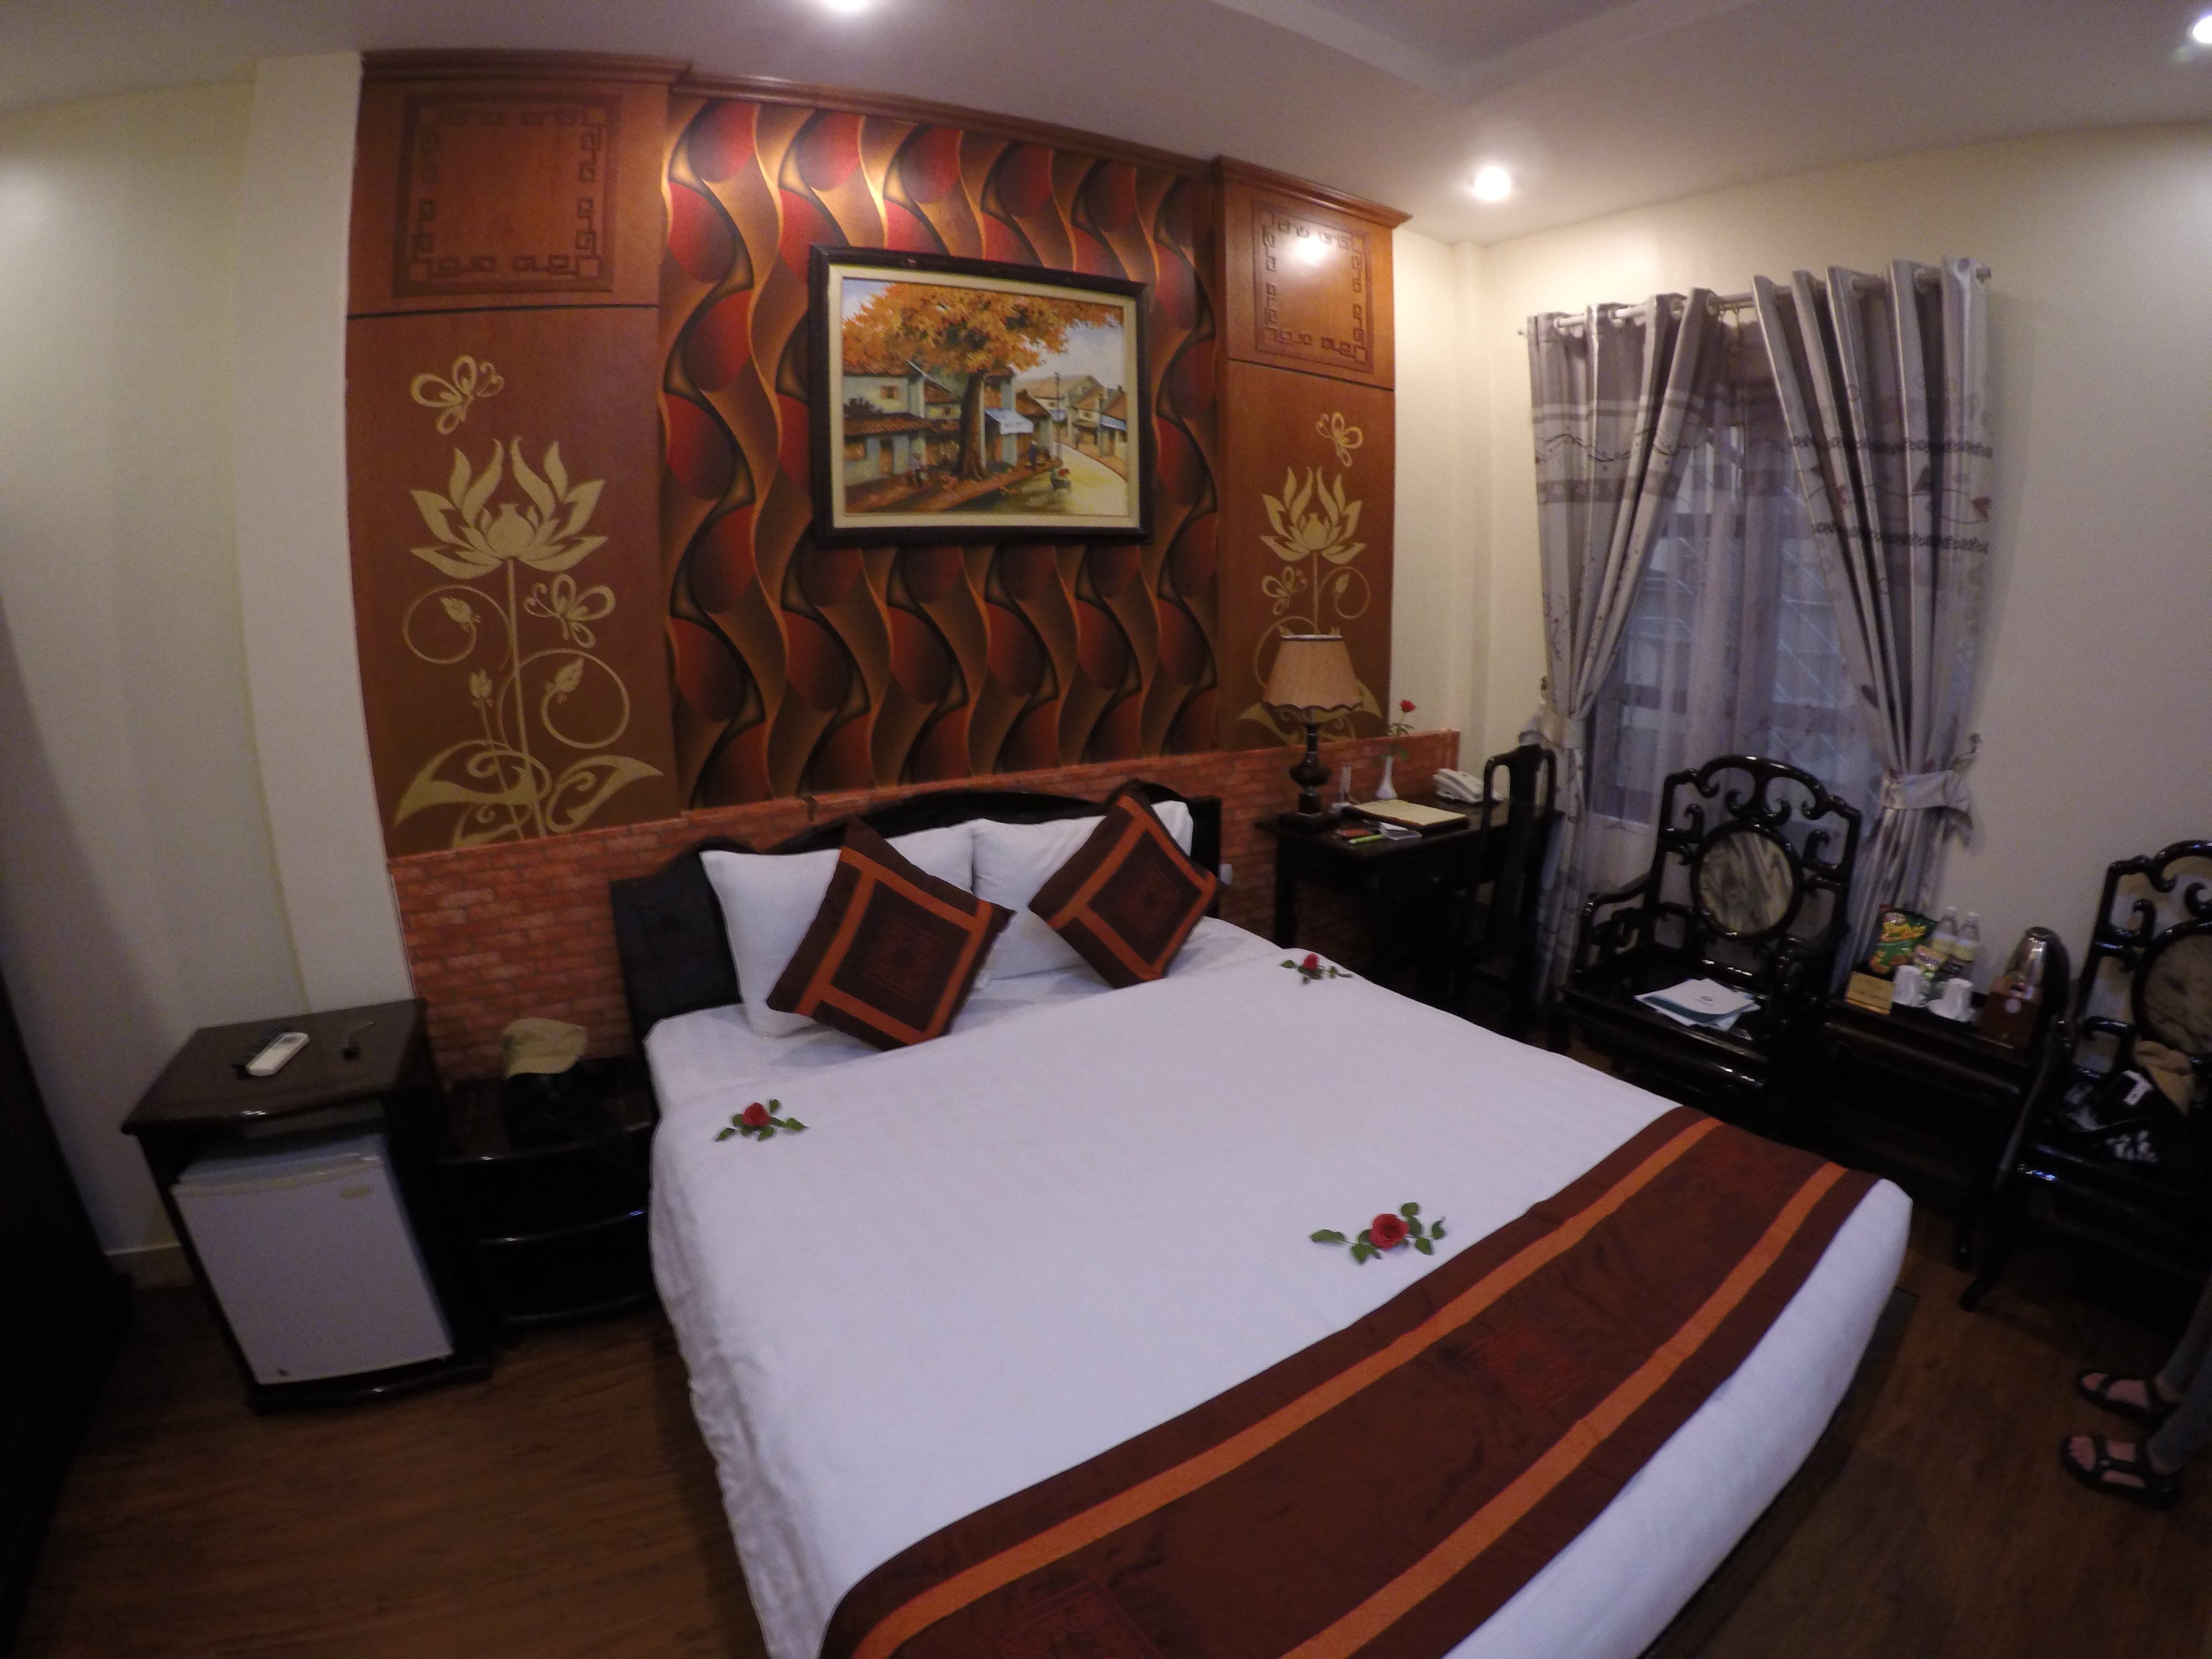 ベトナム ハノイ 宿 世界一周 ブログ 夫婦